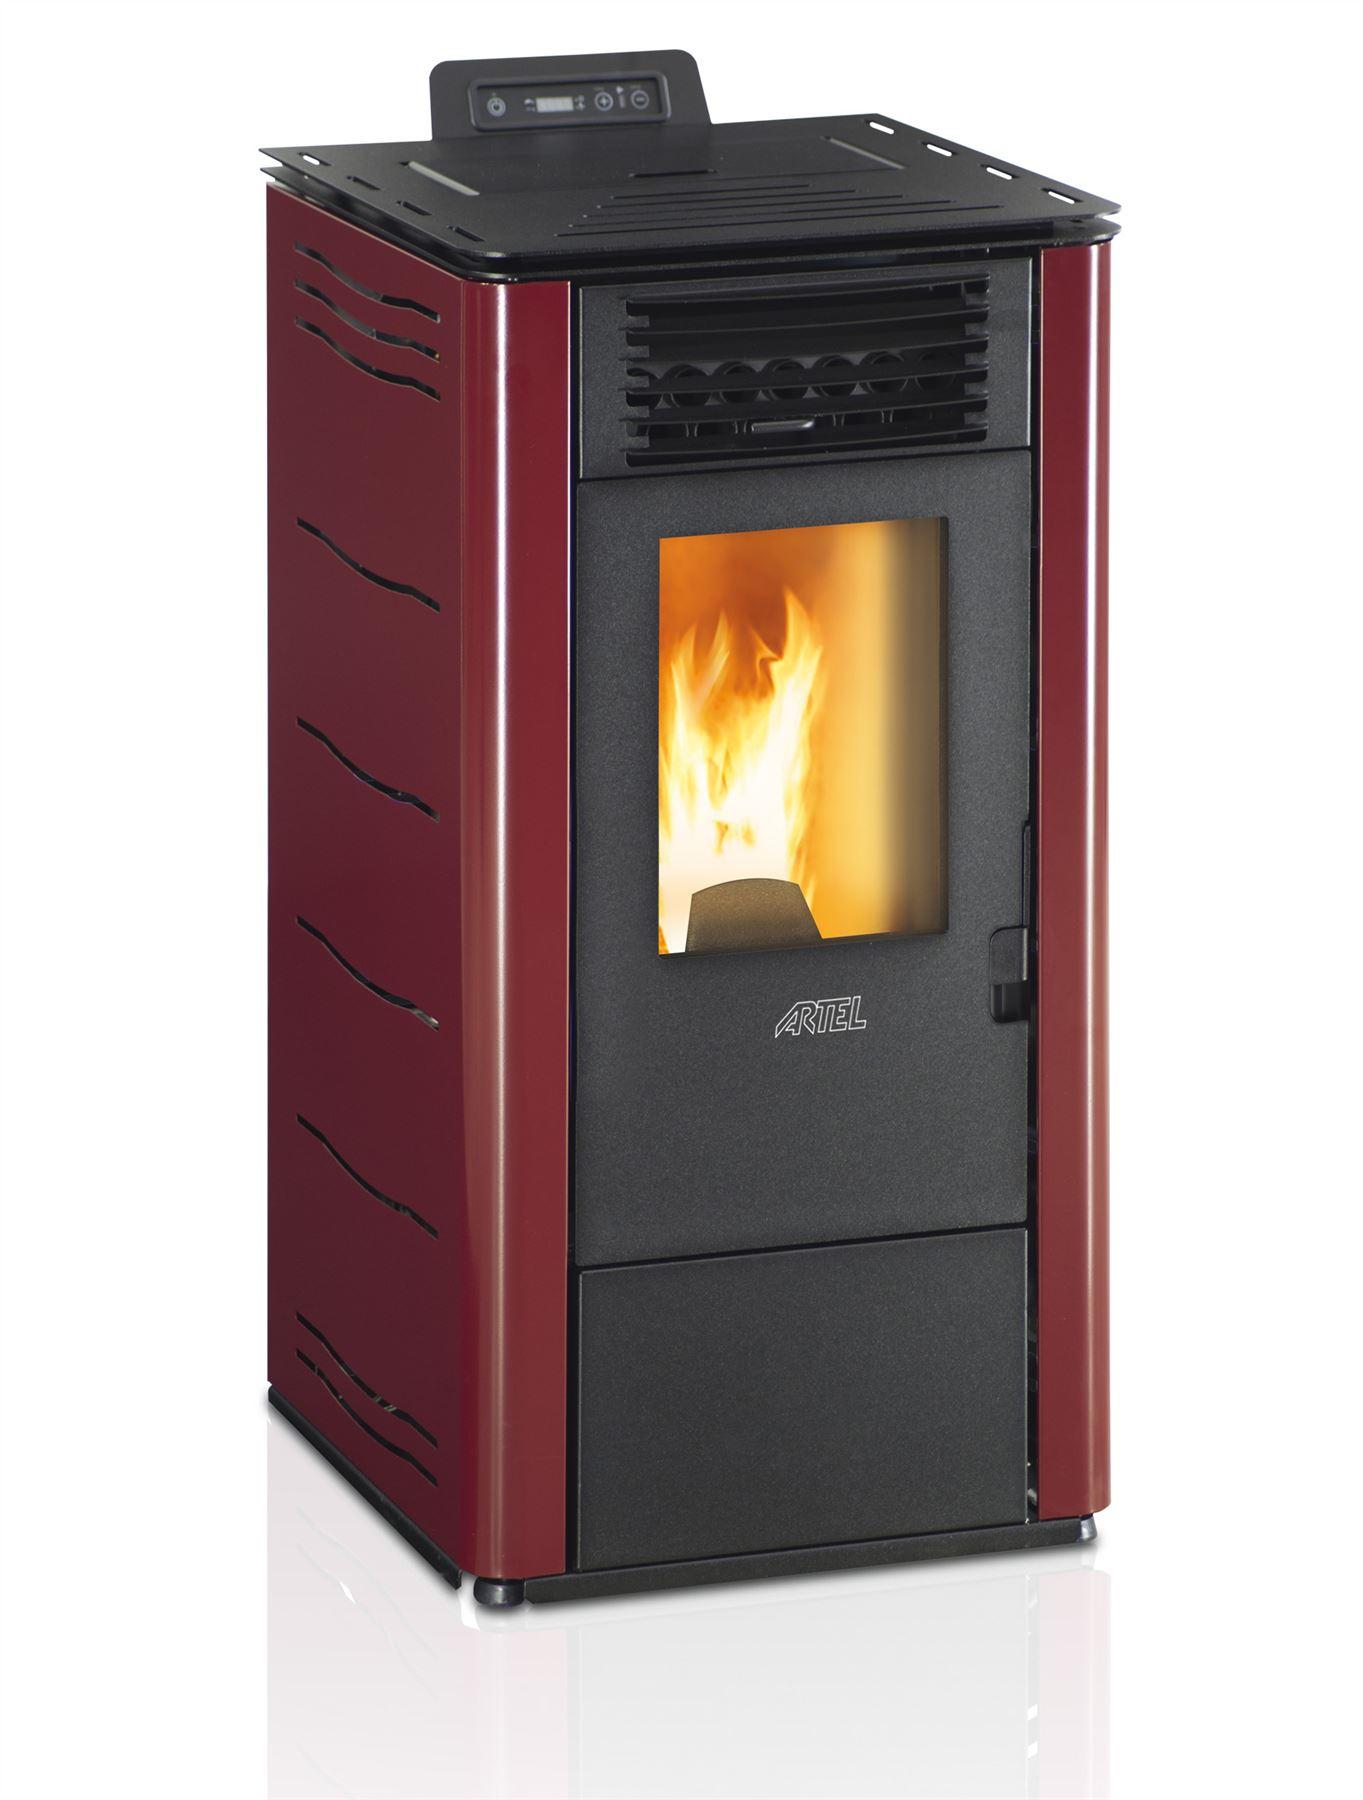 Potente calentador caldera calefaccion pellets eco - Caldera calefaccion pellets ...